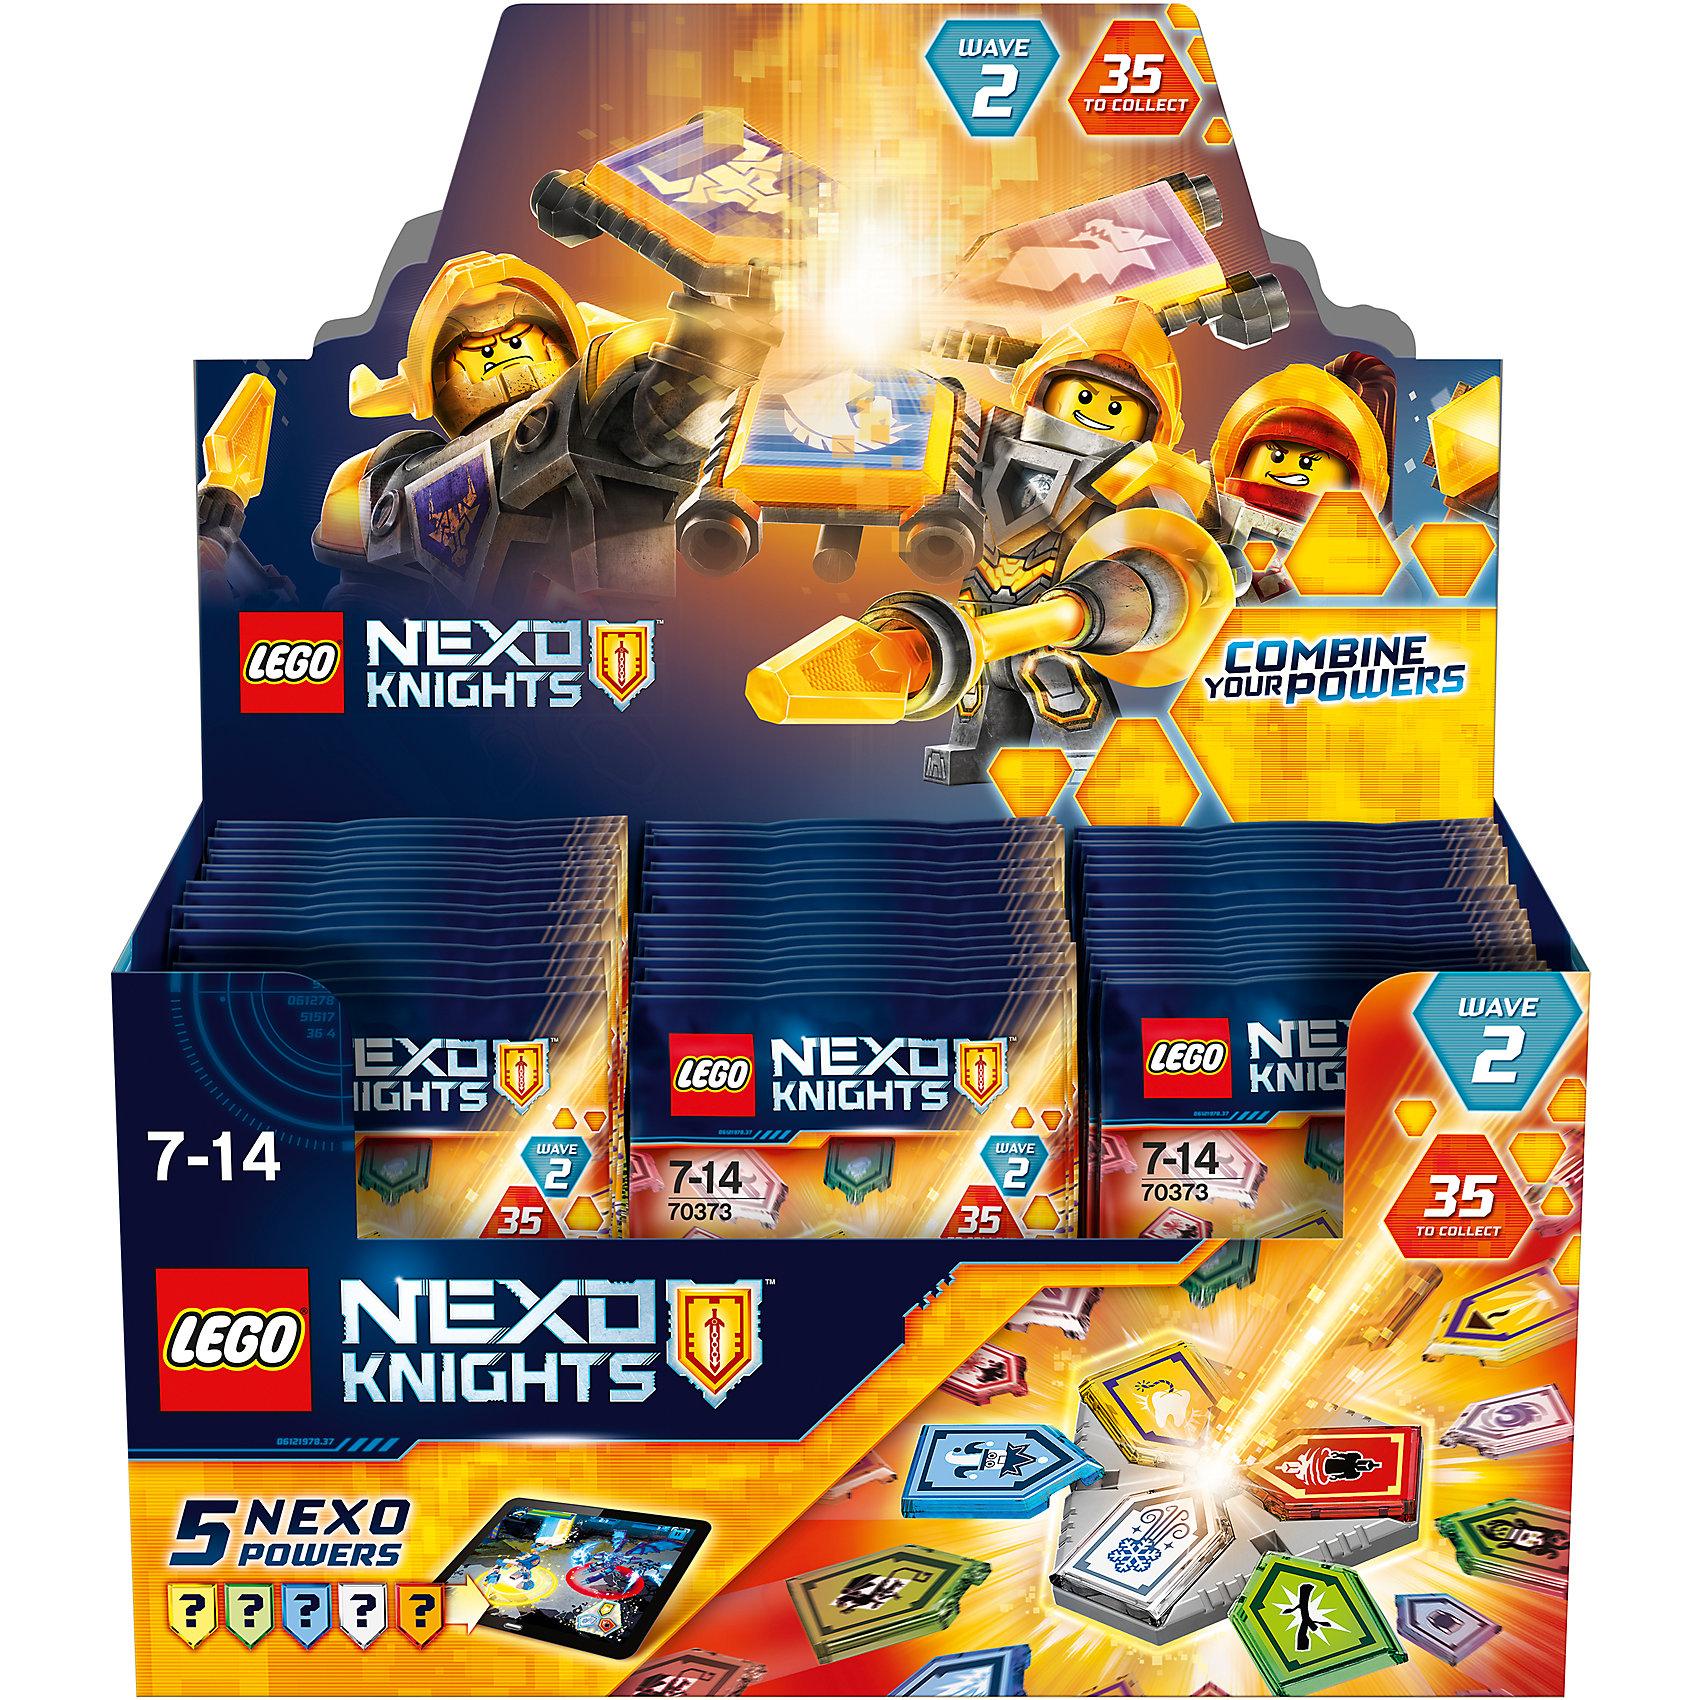 Конструктор Lego Nexo Knights 70373: Комбо-силы NexoПластмассовые конструкторы<br>Характеристики товара:<br><br>• возраст: от 7 лет;<br>• материал: пластик;<br>• в комплекте: 5 нексо-сил, подставка;<br>• размер упаковки: 14х9х1 см;<br>• вес упаковки: 15 гр.;<br>• страна производитель: Чехия.<br><br>Конструктор Lego Nexo Knights «Комбо-силы Nexo» входит в серию Лего Нексо Найтс, которая повествует о королевстве Найтония и отважных рыцарях Нексо. У каждого рыцаря имеется магическая сила, которая добавляет им способностей для победы над врагами. <br><br>В наборе представлены 5 магических нексо-сил. Каждую из них можно отсканировать в бесплатном приложении и поиграть в игру, где предстоит уничтожить грозную армию Каменных монстров. Все детали упакованы в непрозрачный пакет. Какие именно магические силы попадутся в наборе, станет для ребенка сюрпризом.<br><br>Конструктор Lego Nexo Knights «Комбо-силы Nexo» можно приобрести в нашем интернет-магазине.<br><br>Ширина мм: 10<br>Глубина мм: 90<br>Высота мм: 140<br>Вес г: 12<br>Возраст от месяцев: 84<br>Возраст до месяцев: 2147483647<br>Пол: Мужской<br>Возраст: Детский<br>SKU: 6771279